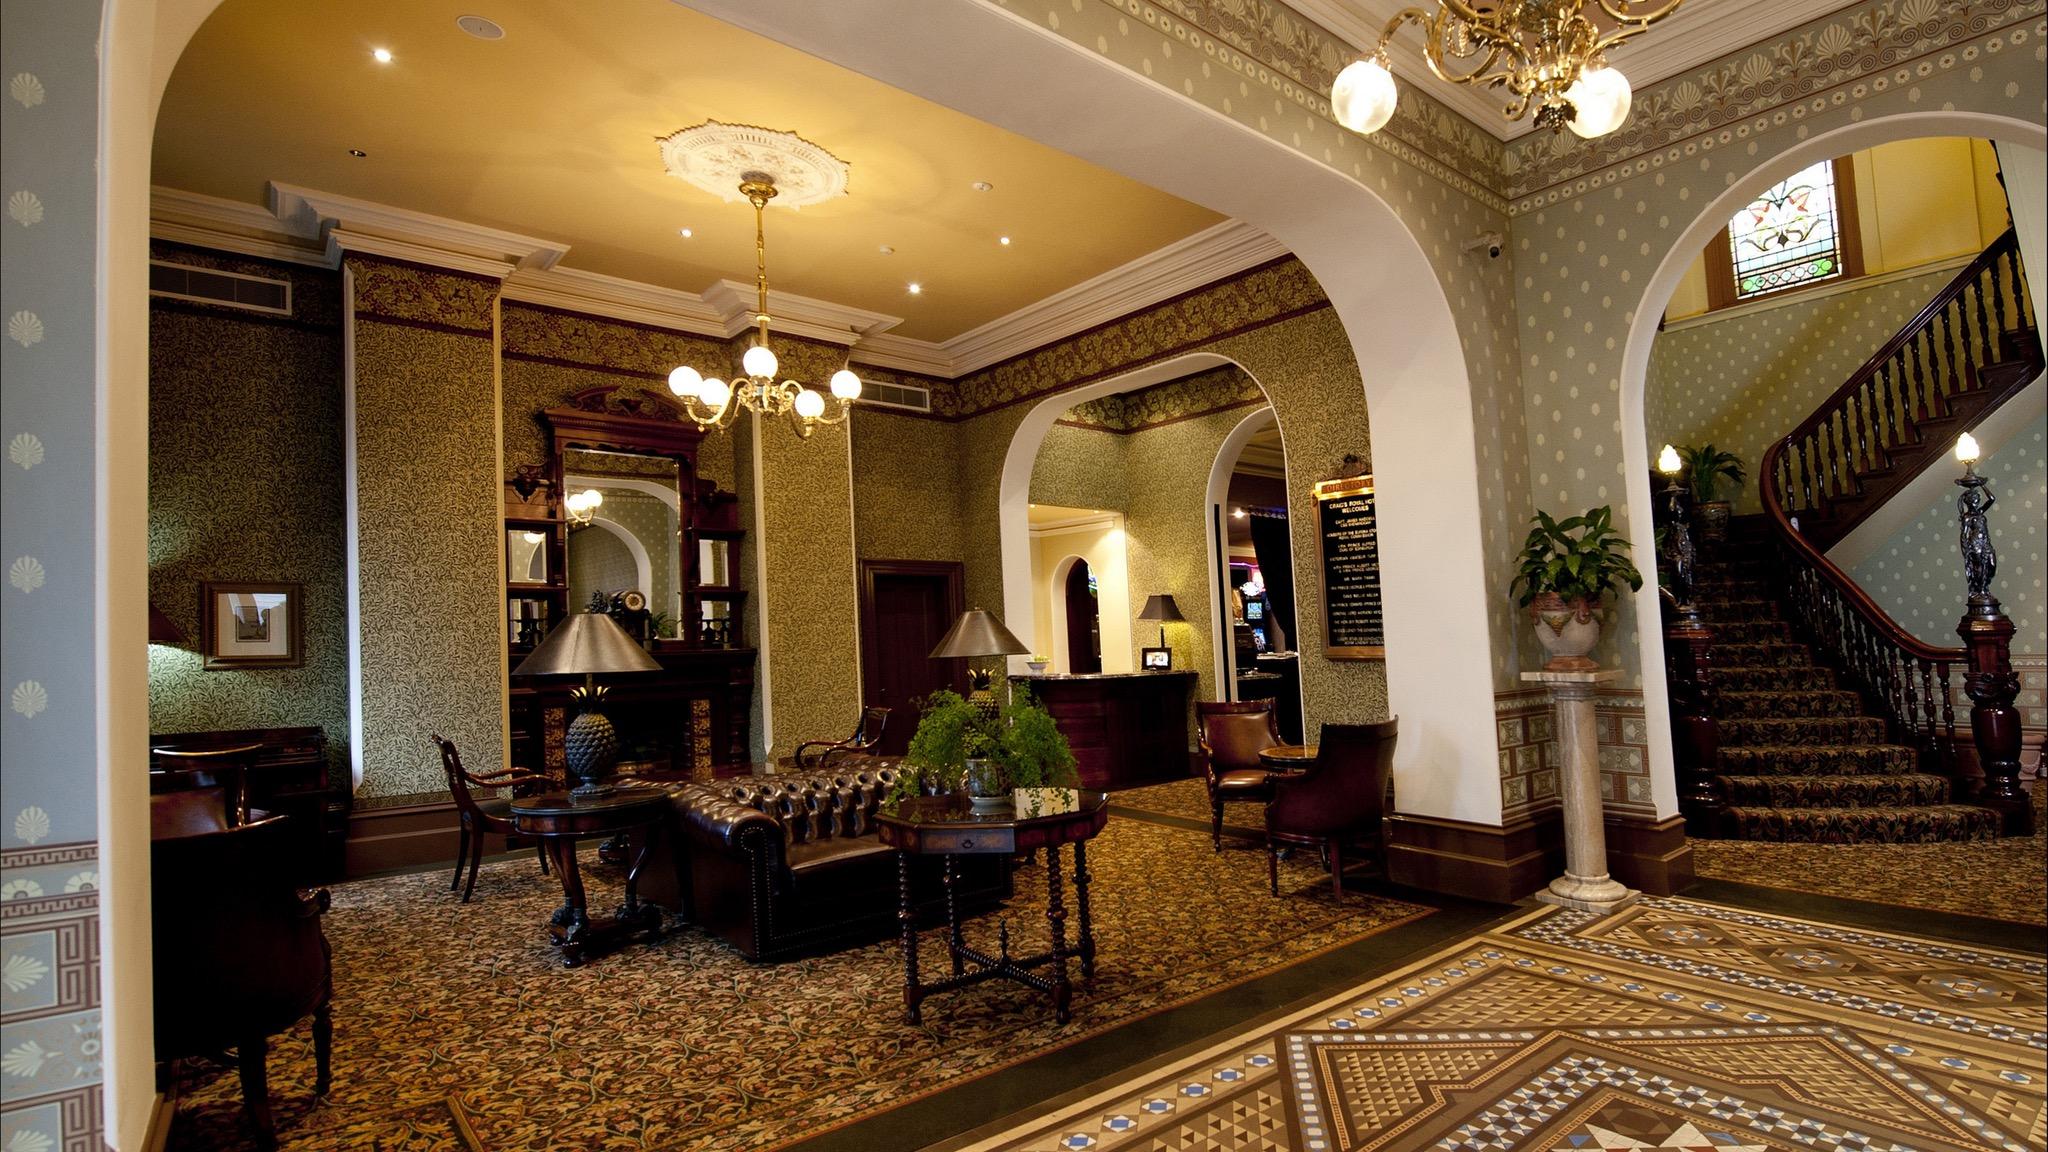 The lobby entrance at Craig's Royal Hotel